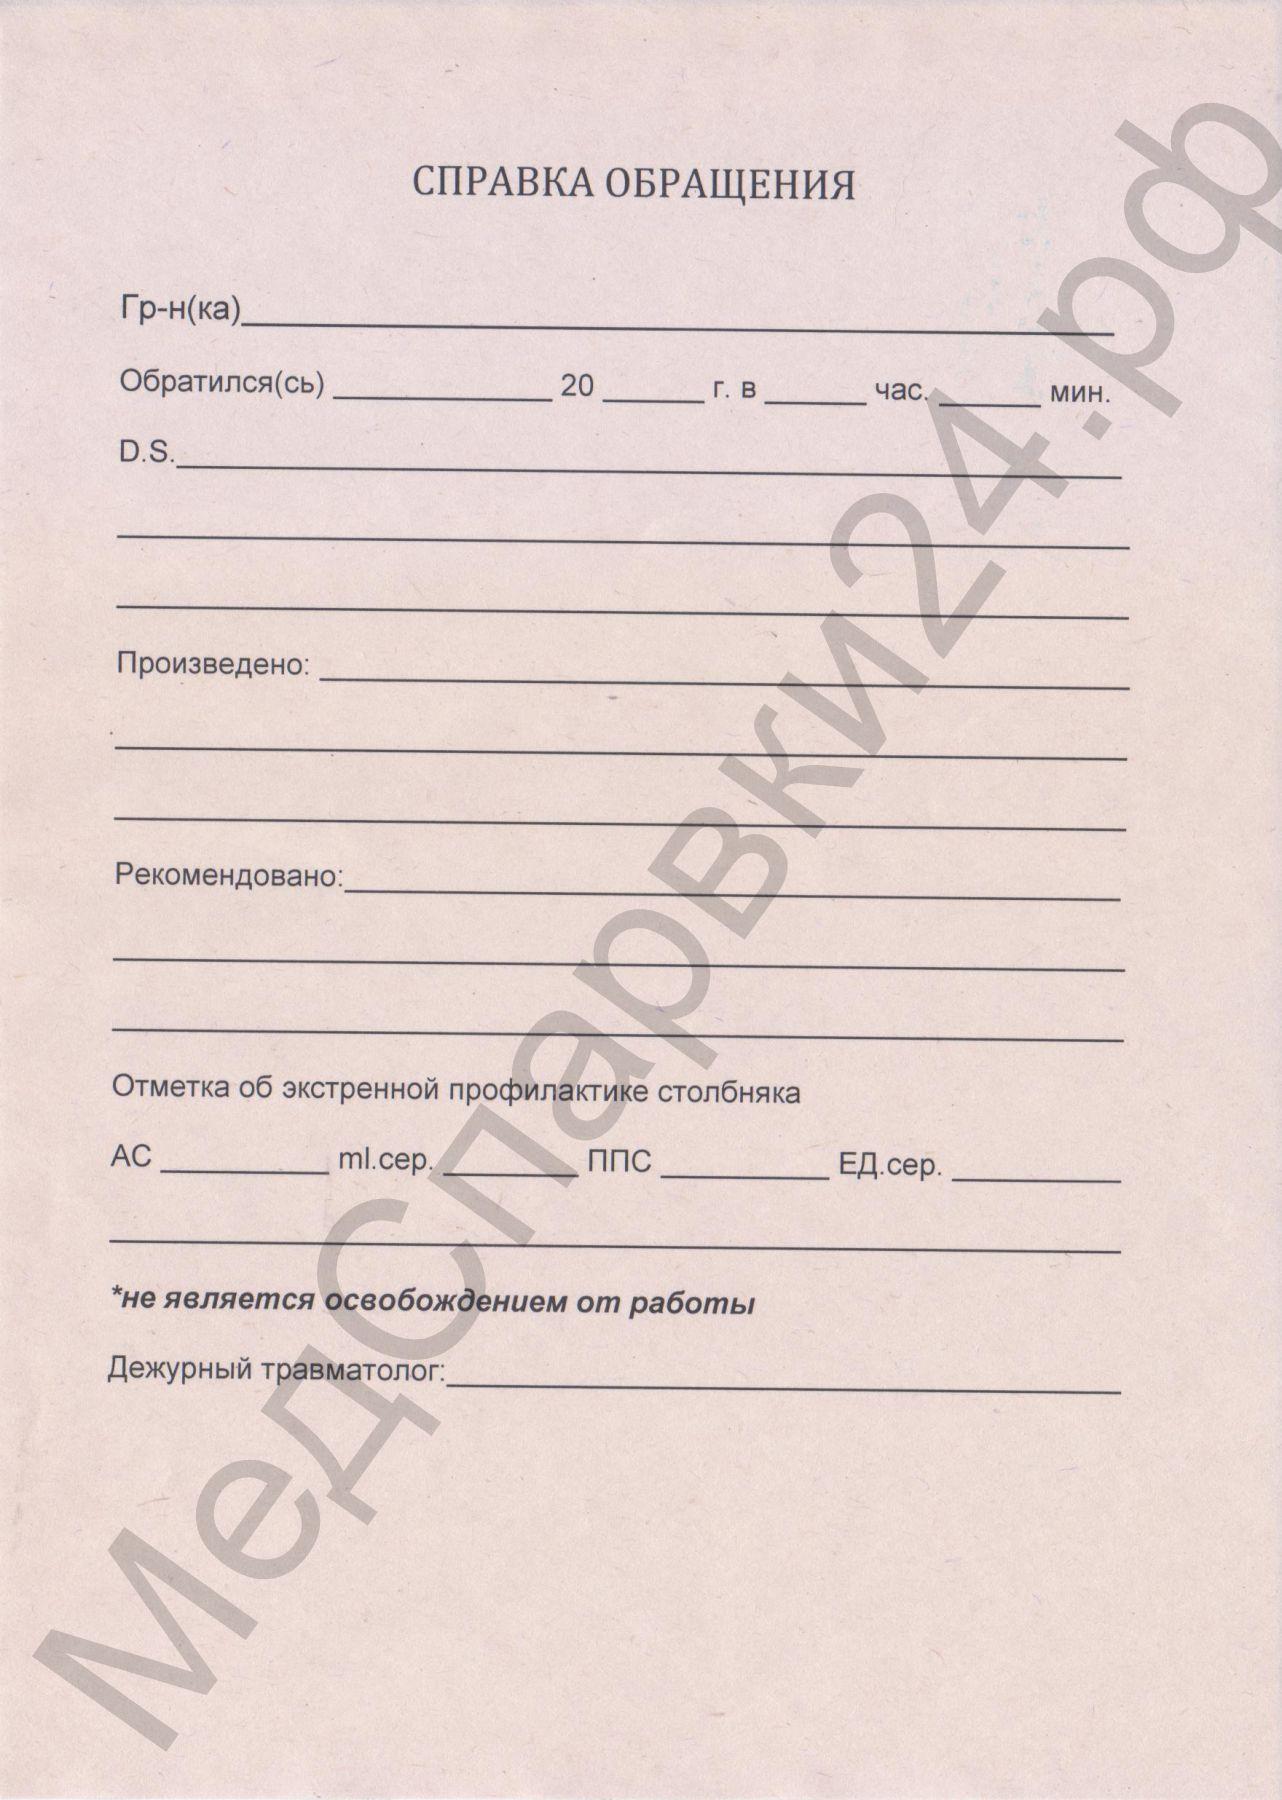 Медицинская справка для соревнований Пионерская анализ крови в день обращения